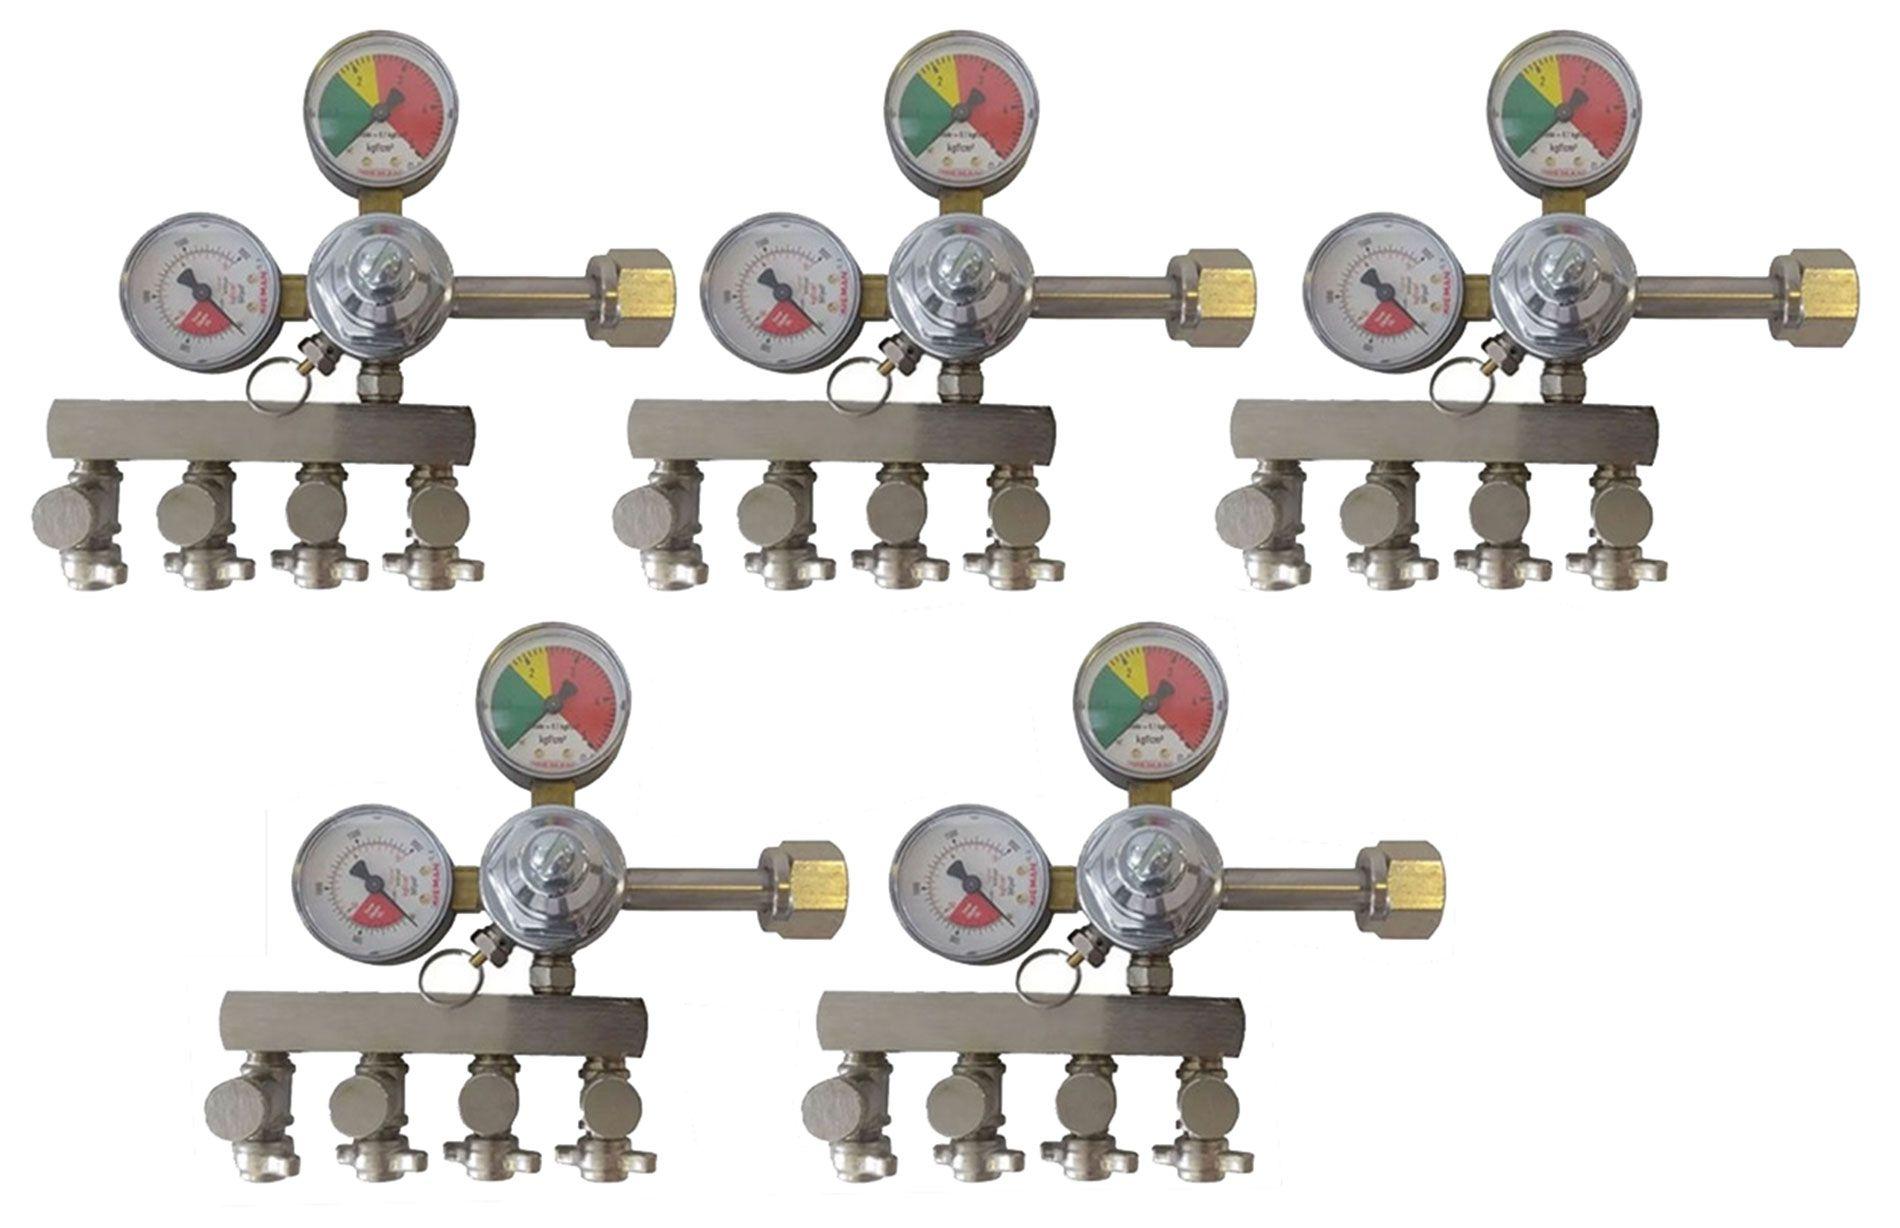 KIT 5 REGULADORES DE PRESSÃO CO2 PARA CHOPP 4 SAÍDAS AJUSTE FINO  - MAXBEER CHOPEIRAS